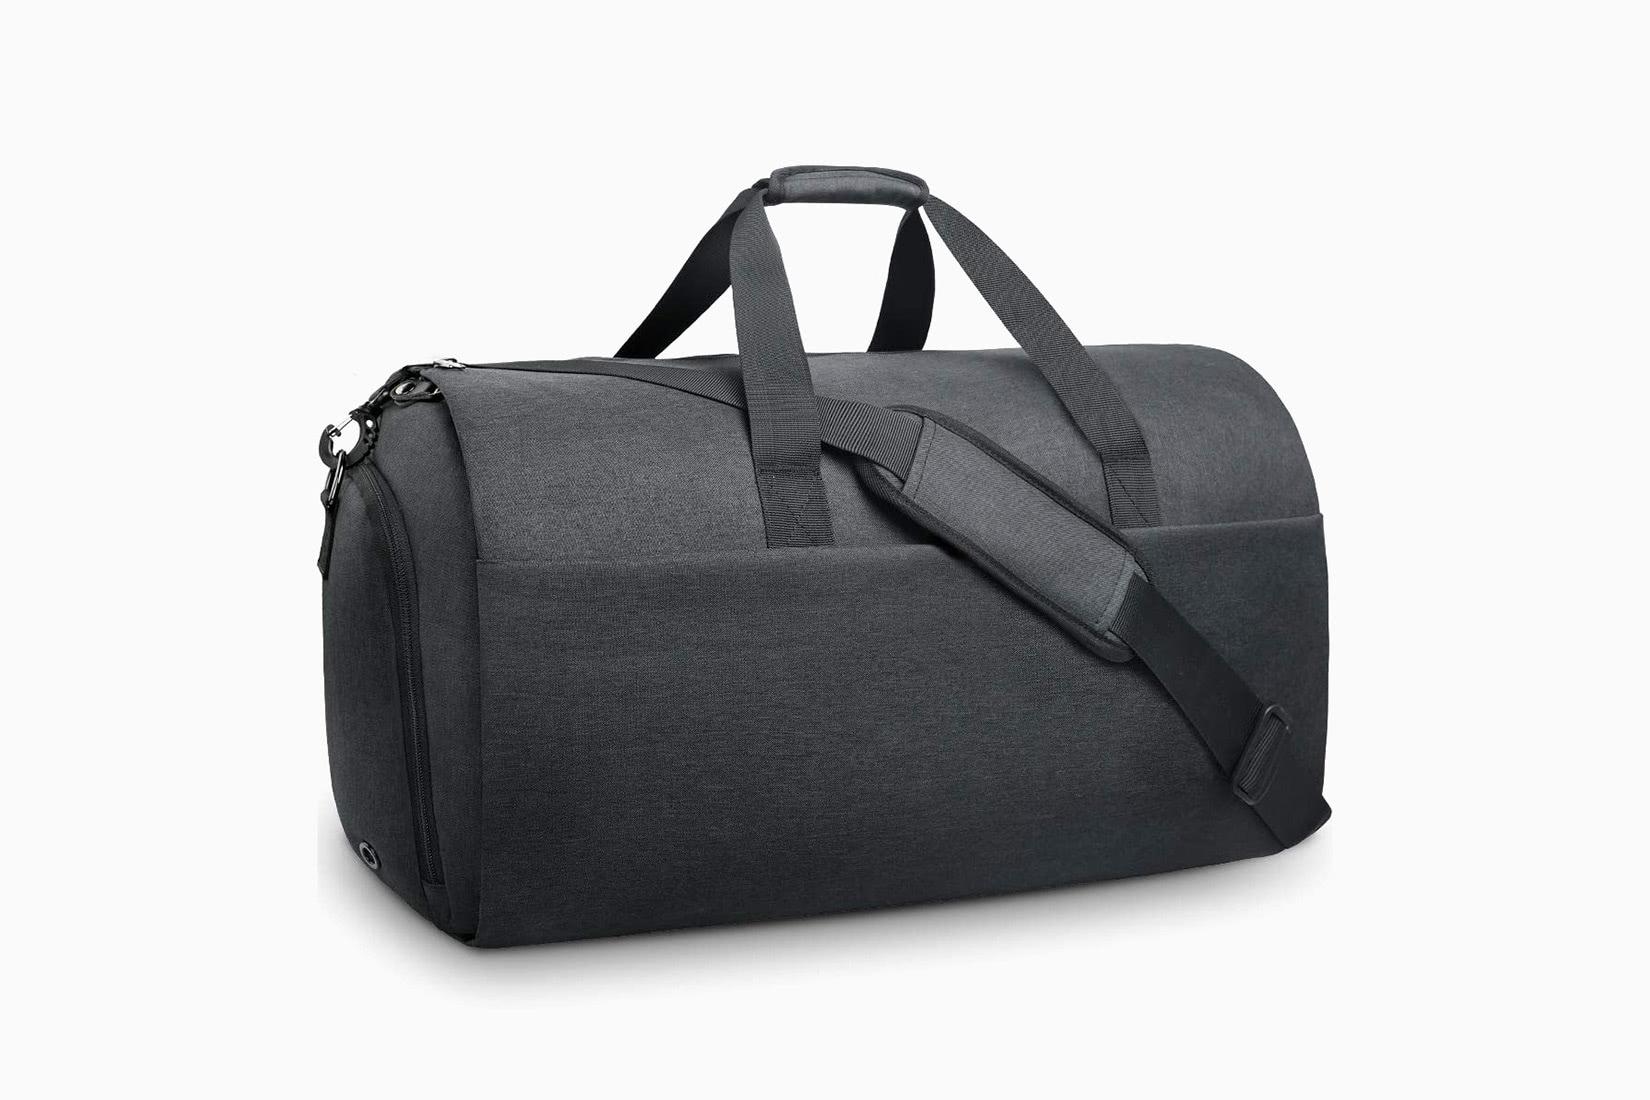 best garment bags weekender newhey review - Luxe Digital